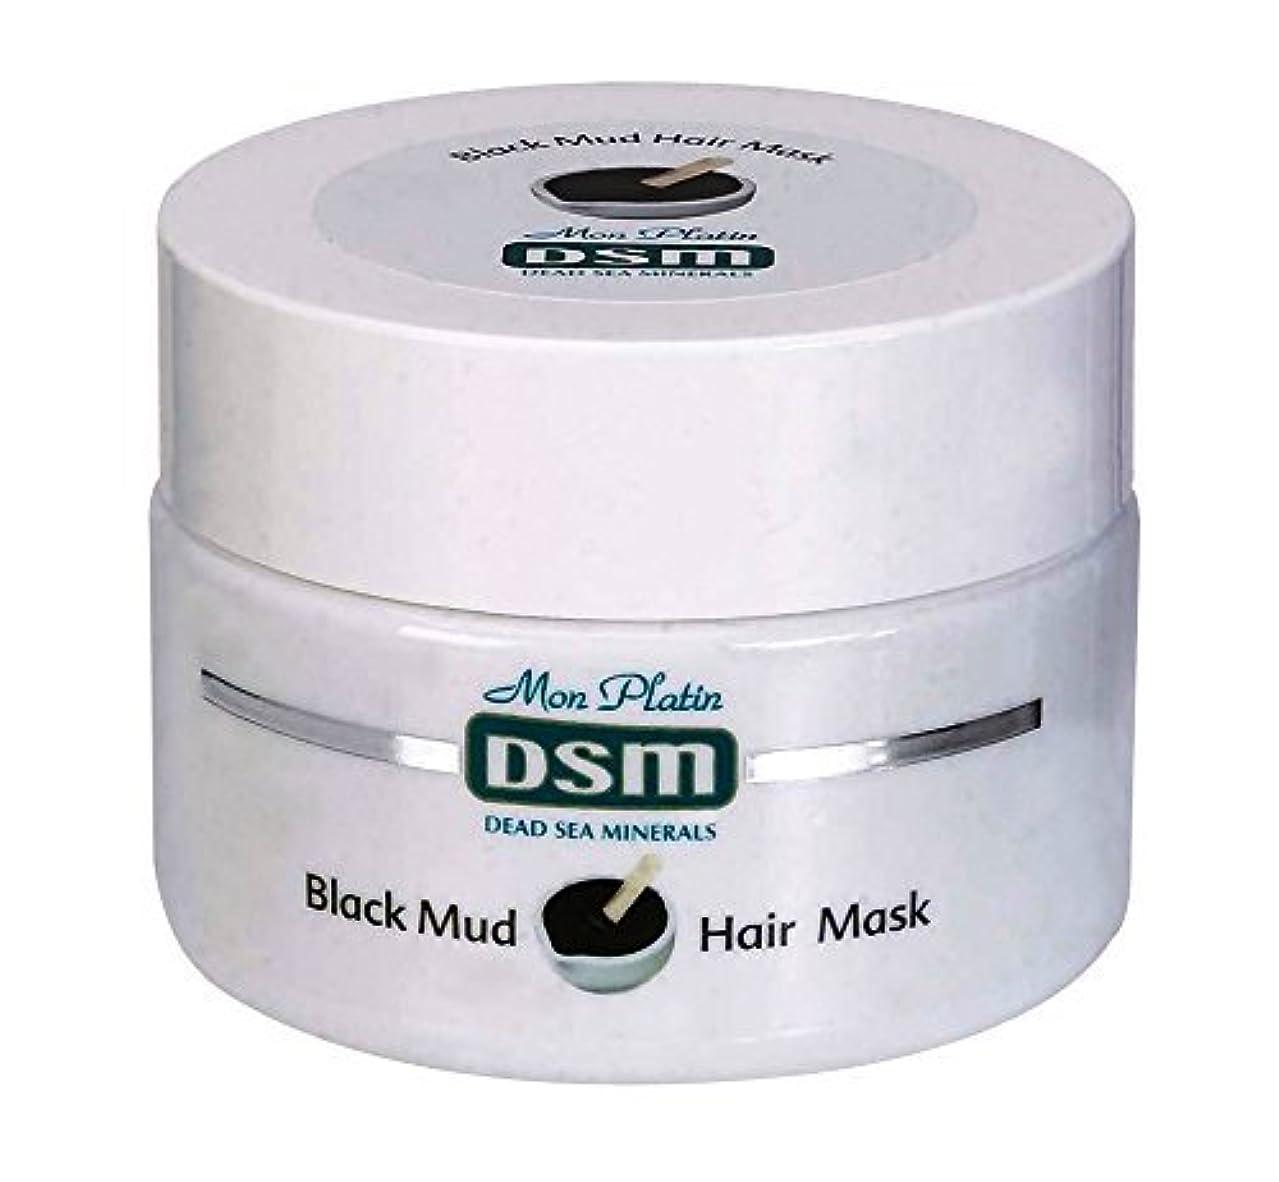 活性化昼食剪断頭皮と髪のための髪の泥マスク 250mL 死海ミネラル 天然 お手入れ 美容 イスラエル 全皮膚タイプ ビタミン (Mud Hair Mask  for Scalp & Hair)